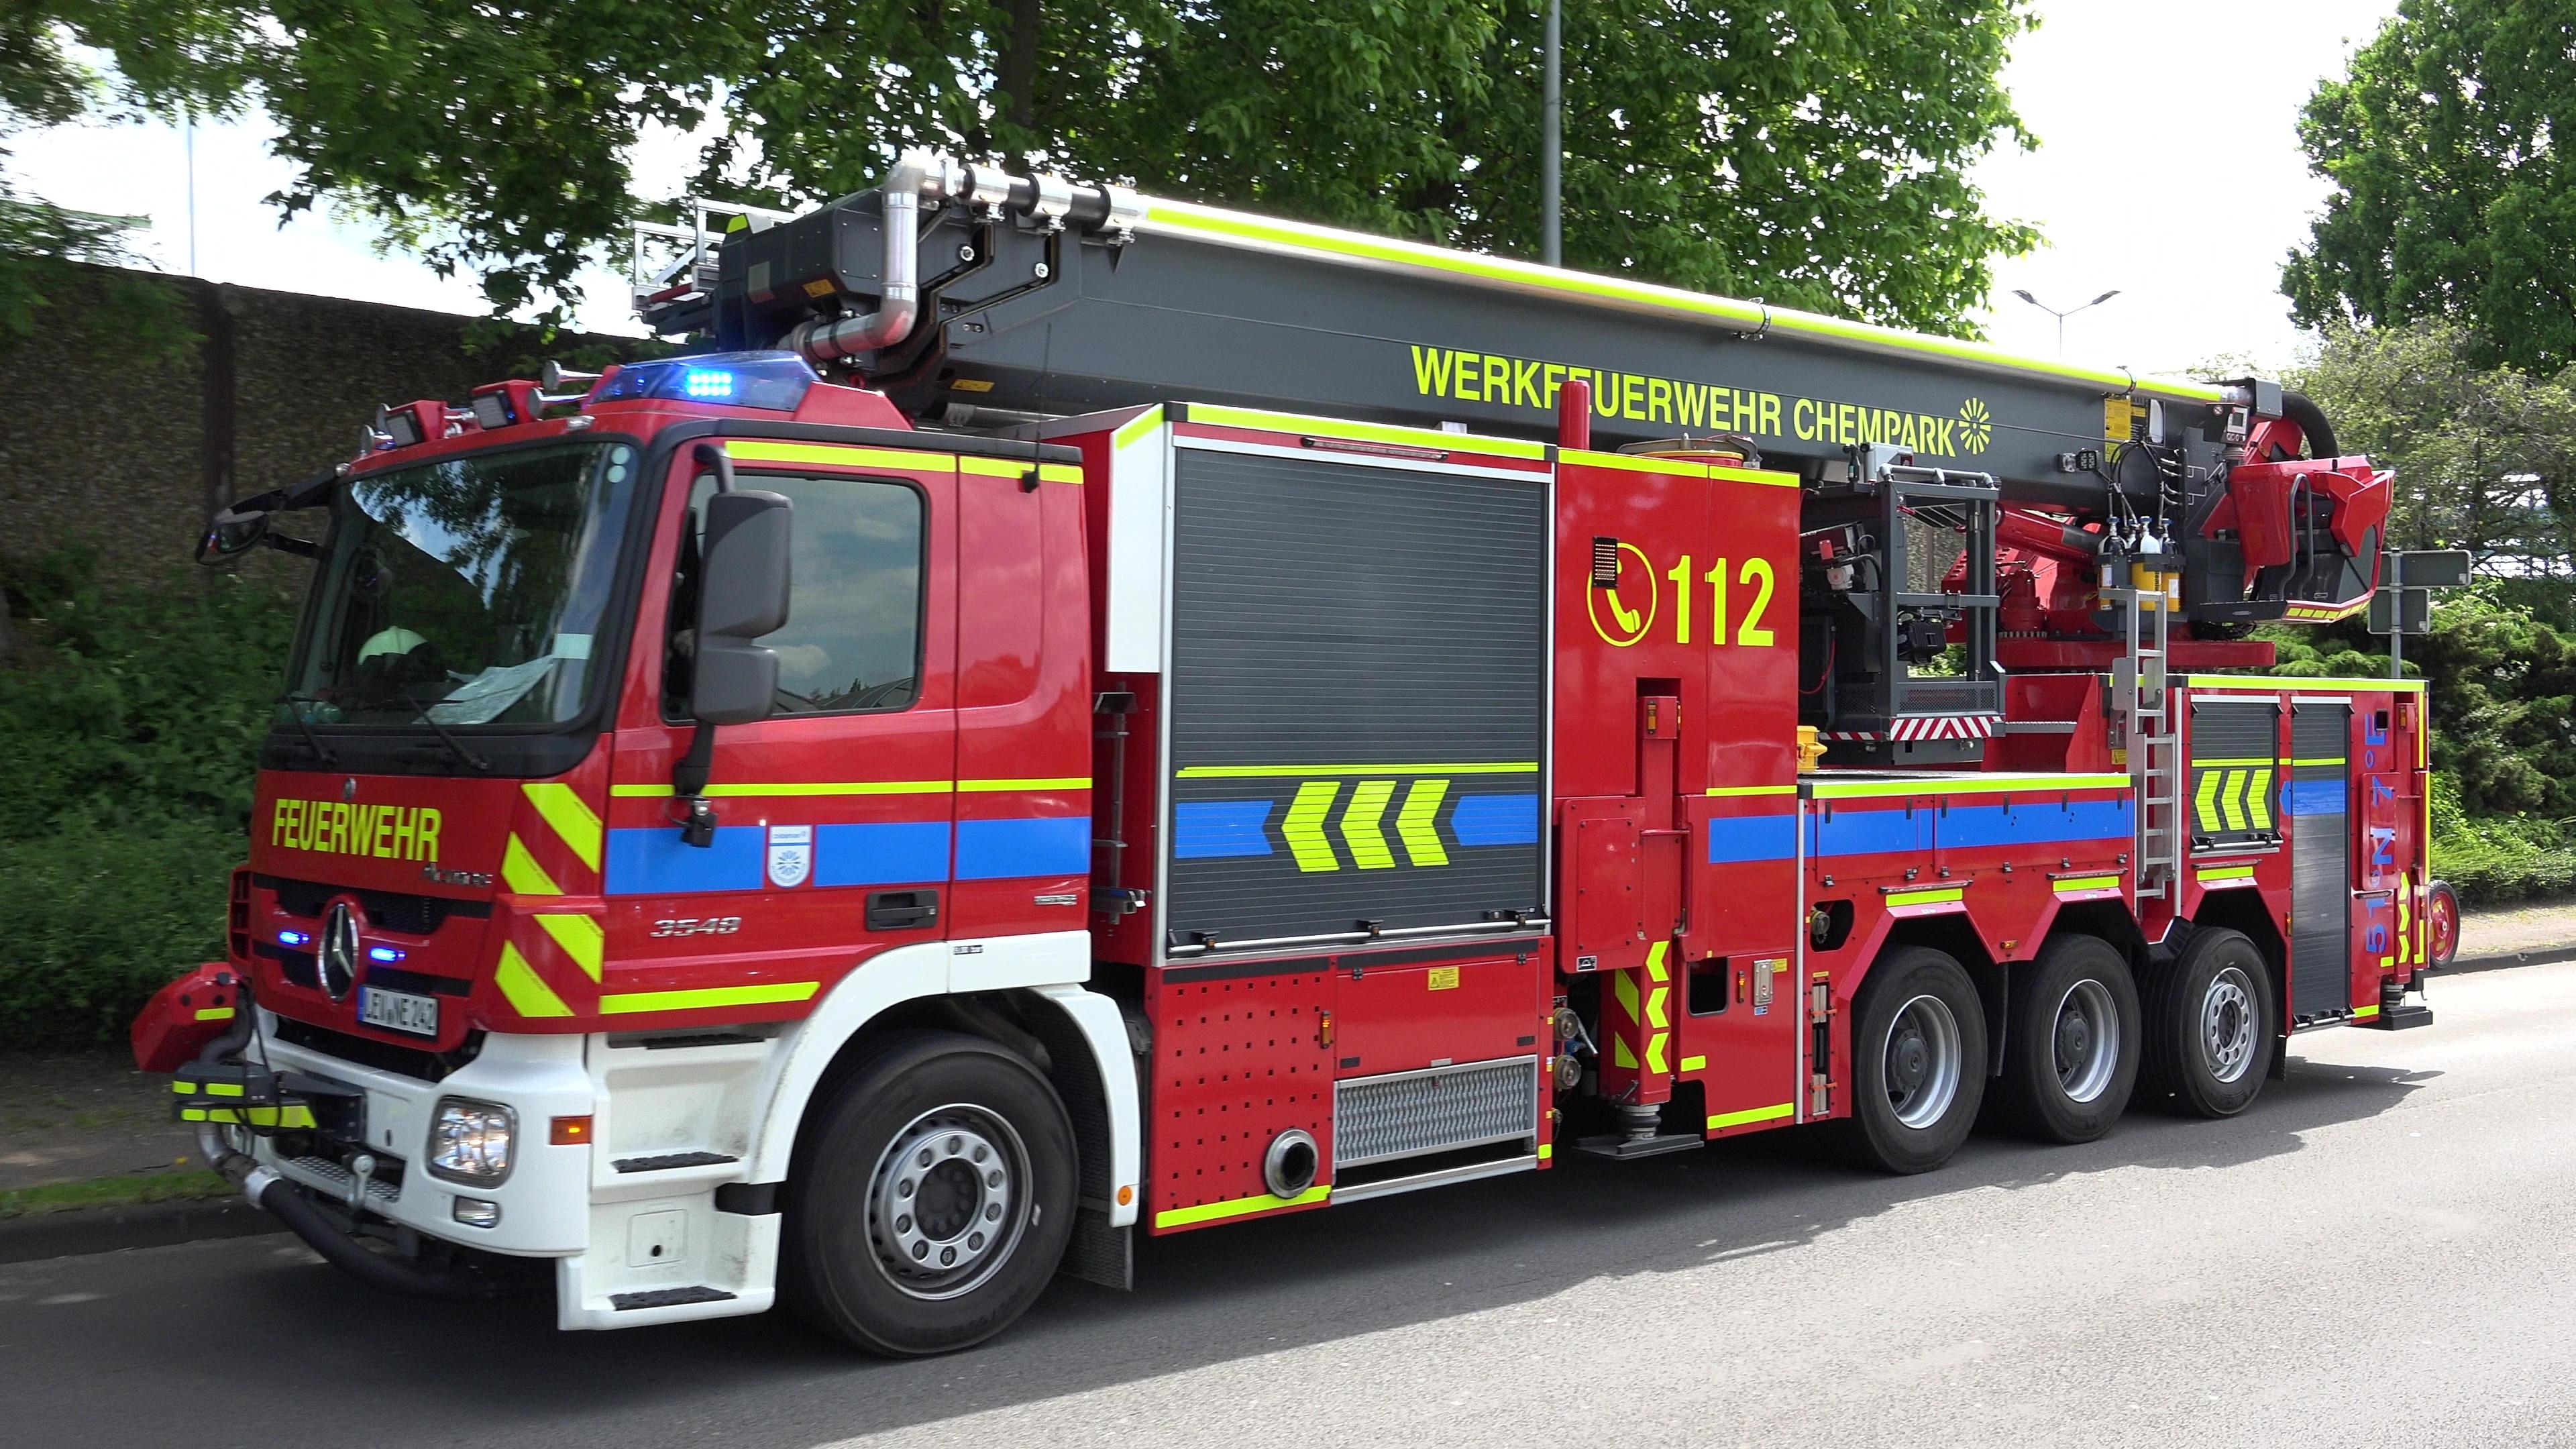 Werkfeuerwehr Chempark Leverkusen